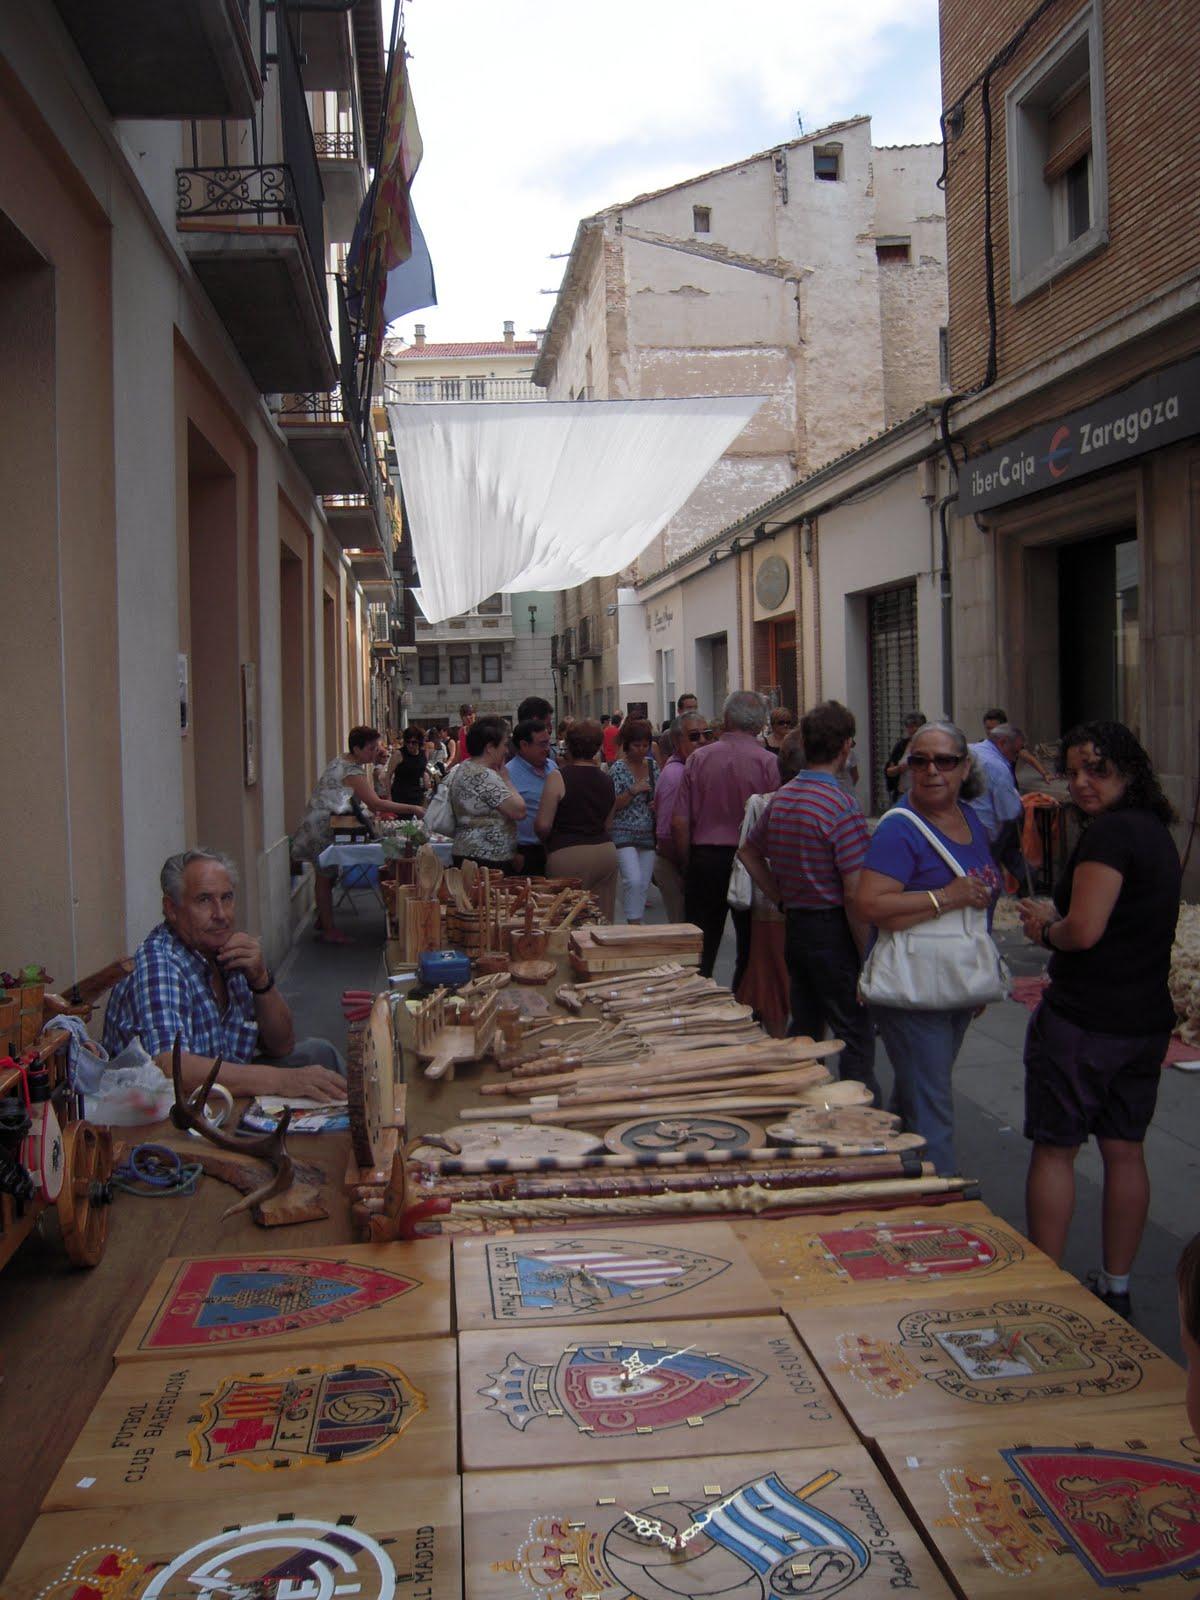 Centro de Estudios Borjanos: Prosigue con éxito la Feria de Artesanía